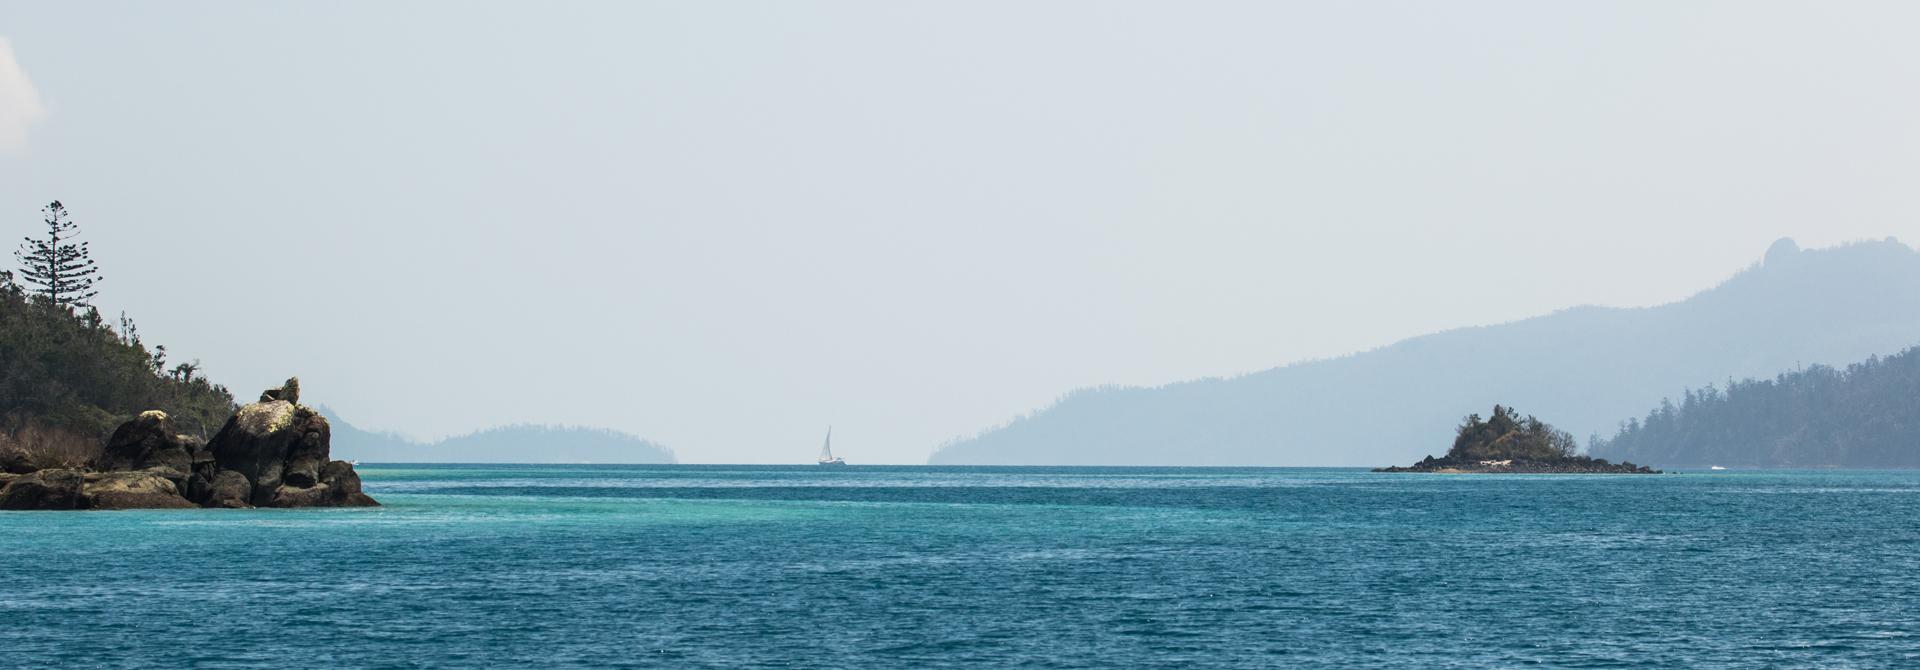 Between islands